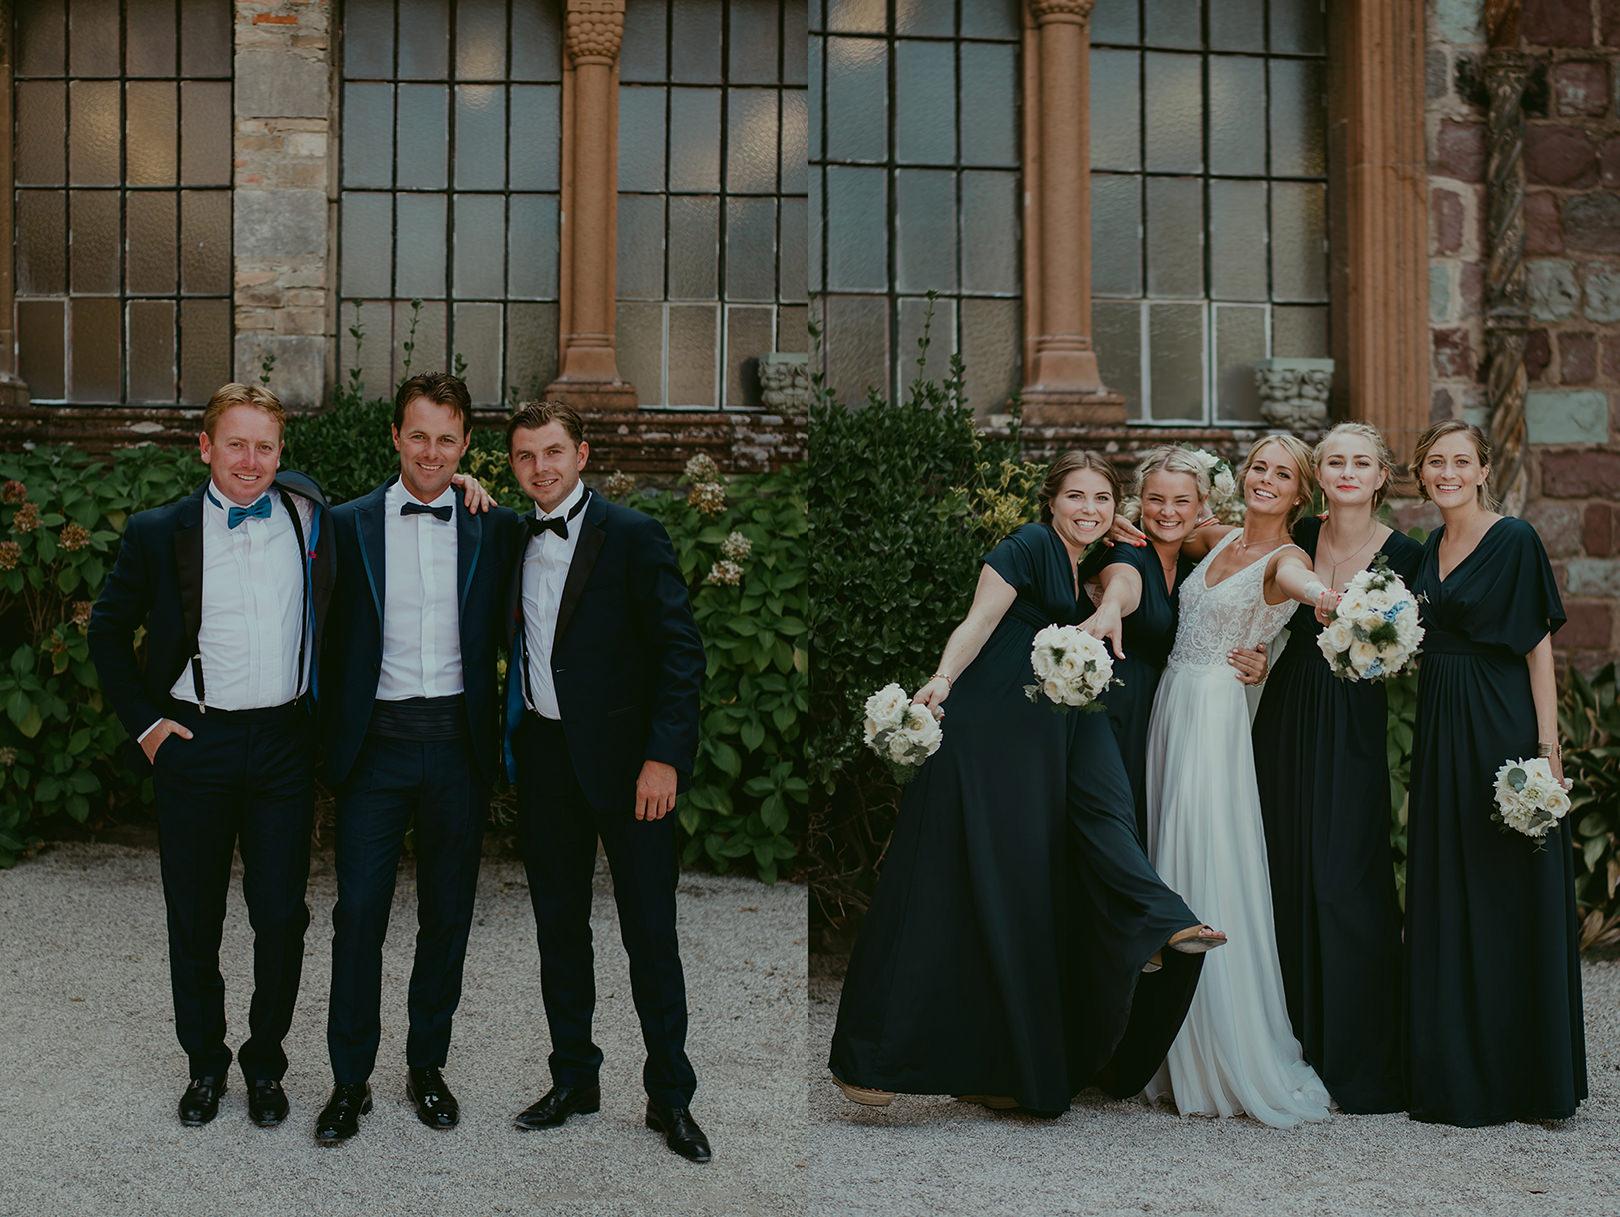 Wedding party photograph at Chateau de la Napoule in Cannes